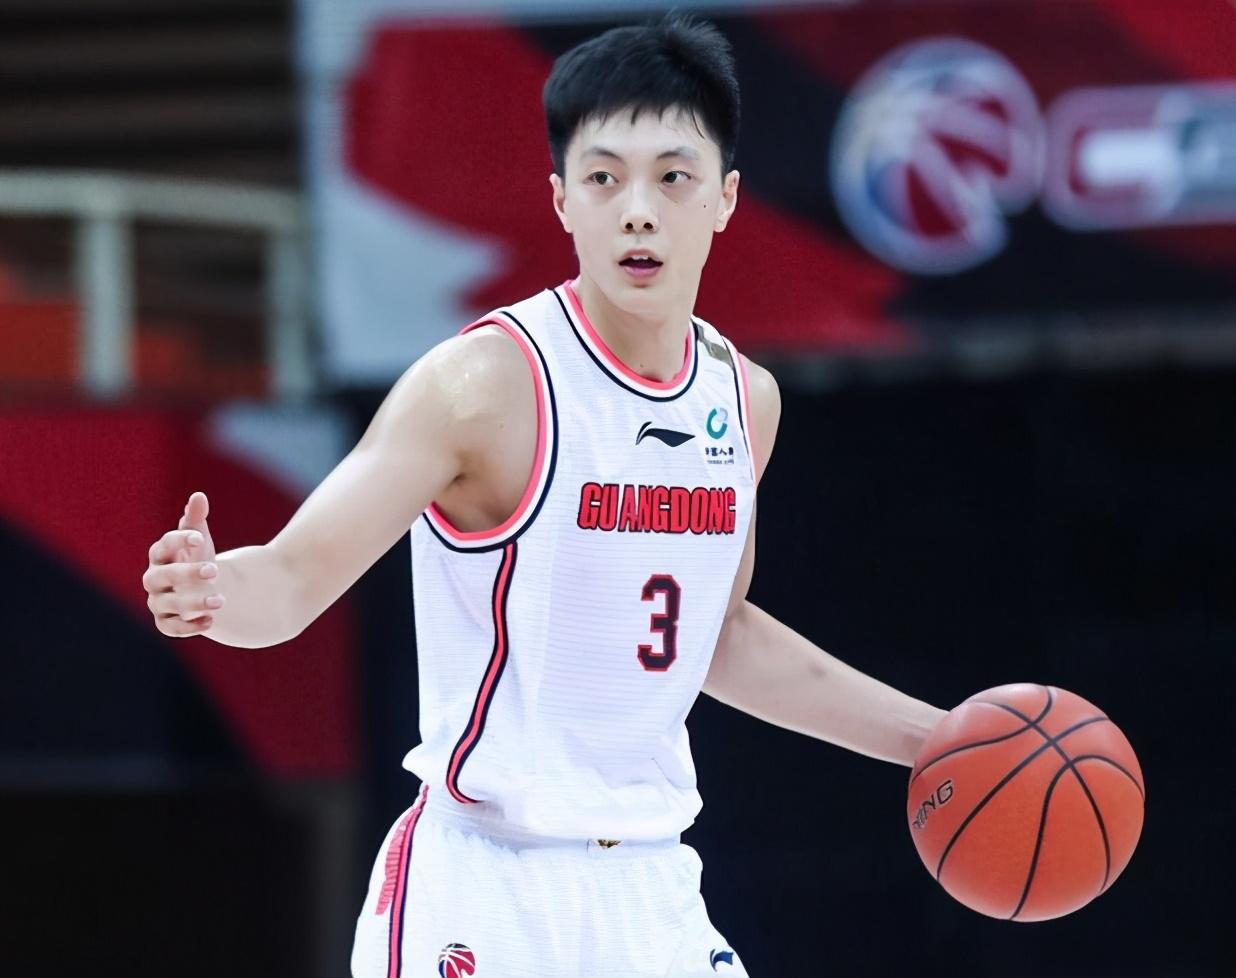 分析:从吴前和郭艾伦的近期表现,看未来中国男篮首发后卫之争